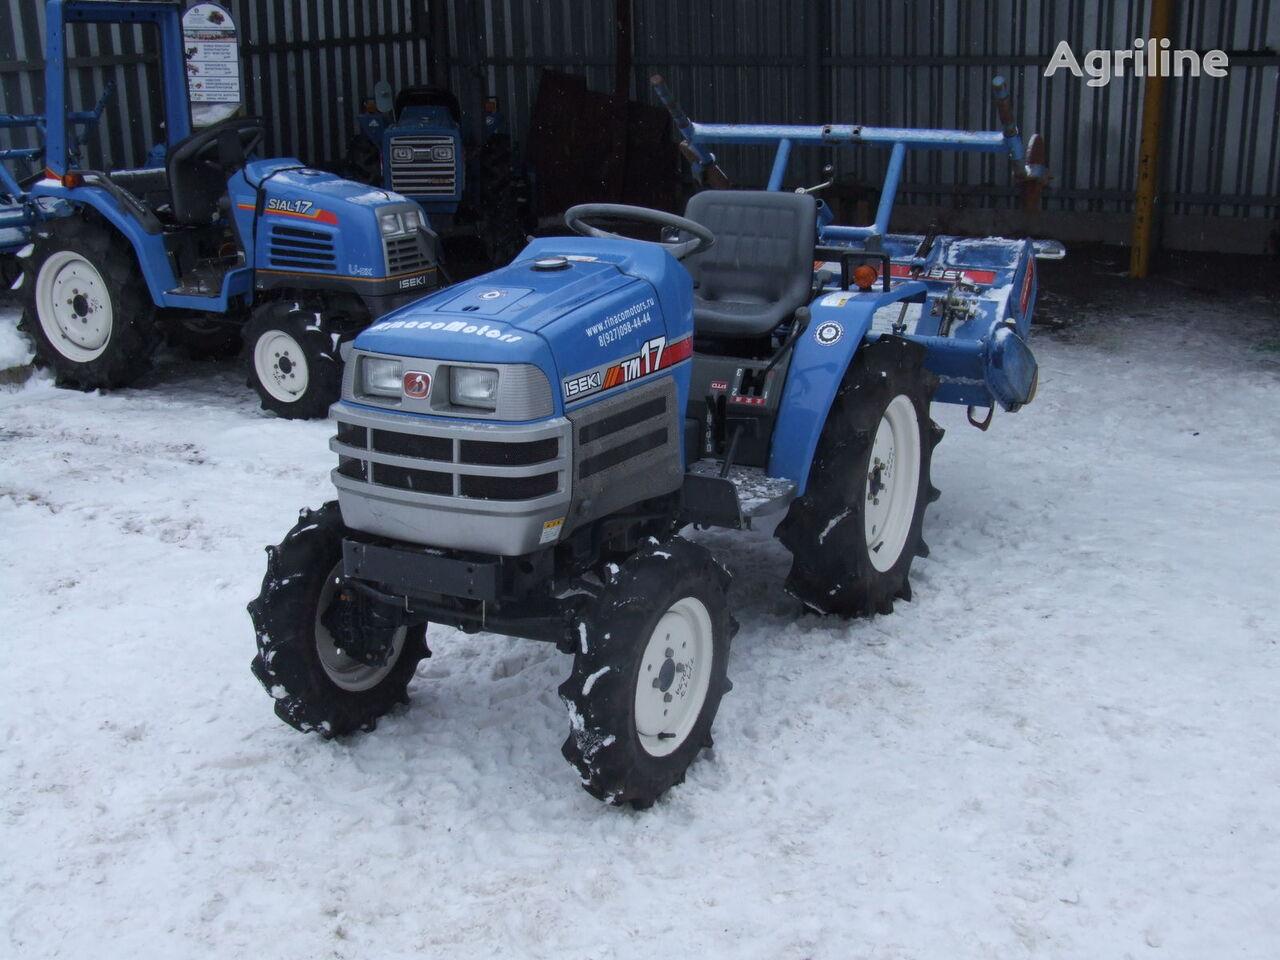 minitraktor ISEKI TM17F